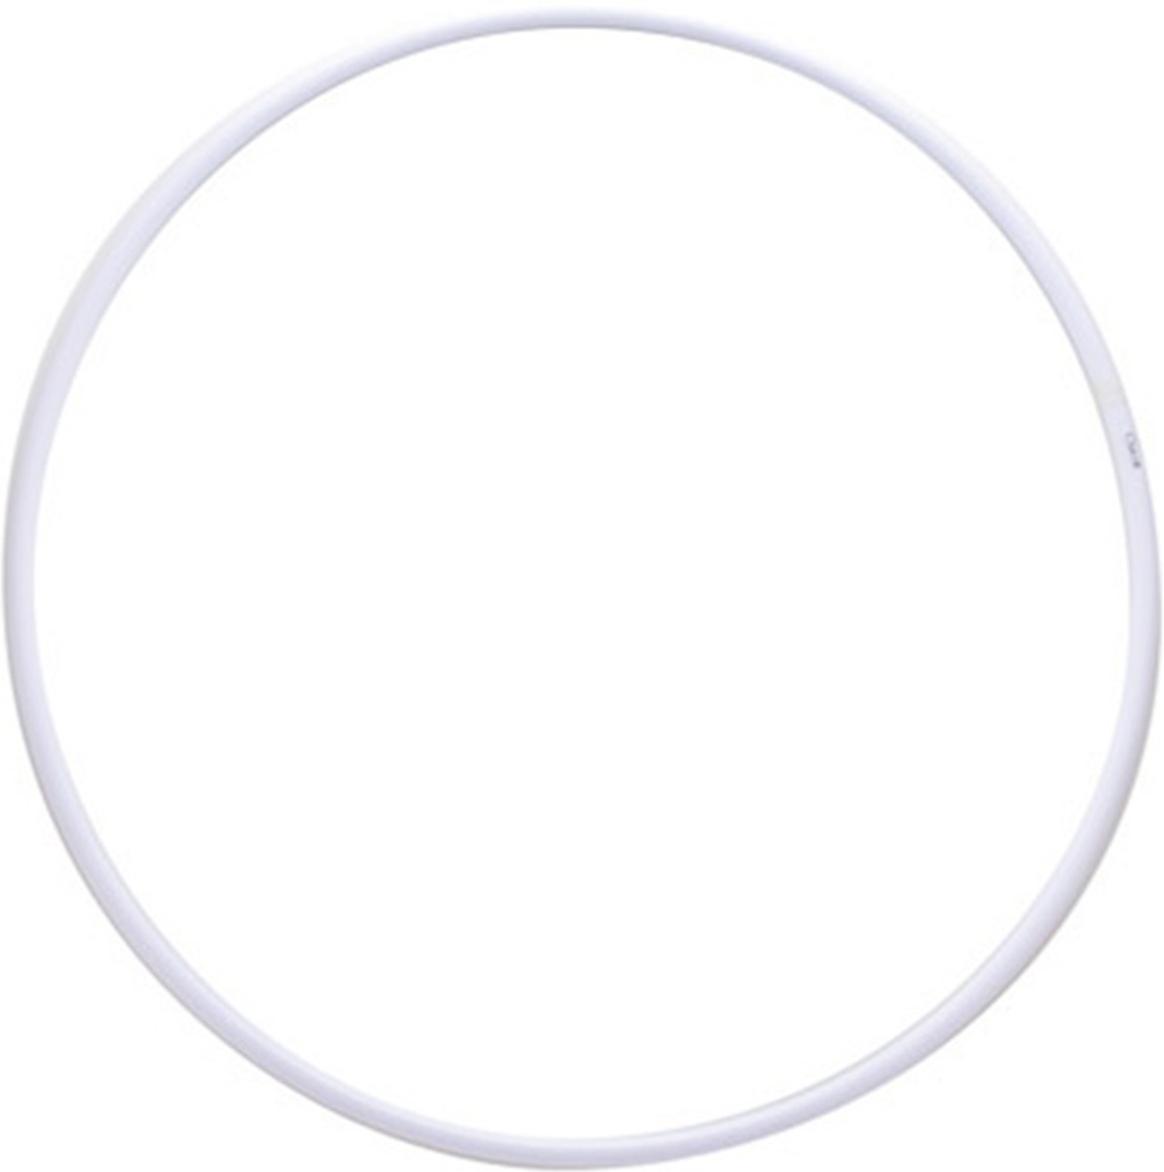 Обруч гимнастический Энсо Pro, цвет: белый, 70 смУТ-00006204Гимнастический обруч Энсо Pro - это спортивный снаряд, который успешно применяется для тренировки тела. Неразборный обруч легок по весу и имеет ровную круглую форму. Изделие может использоваться не только в фитнесе, но и в занятиях по художественной гимнастике. Пластик, из которого изготовлен обруч, экологичен и безопасен. На внутренней стороне стыка обруч укреплен пластиковой втулкой, повышающей прочность аксессуара и увеличивающей срок его службы.